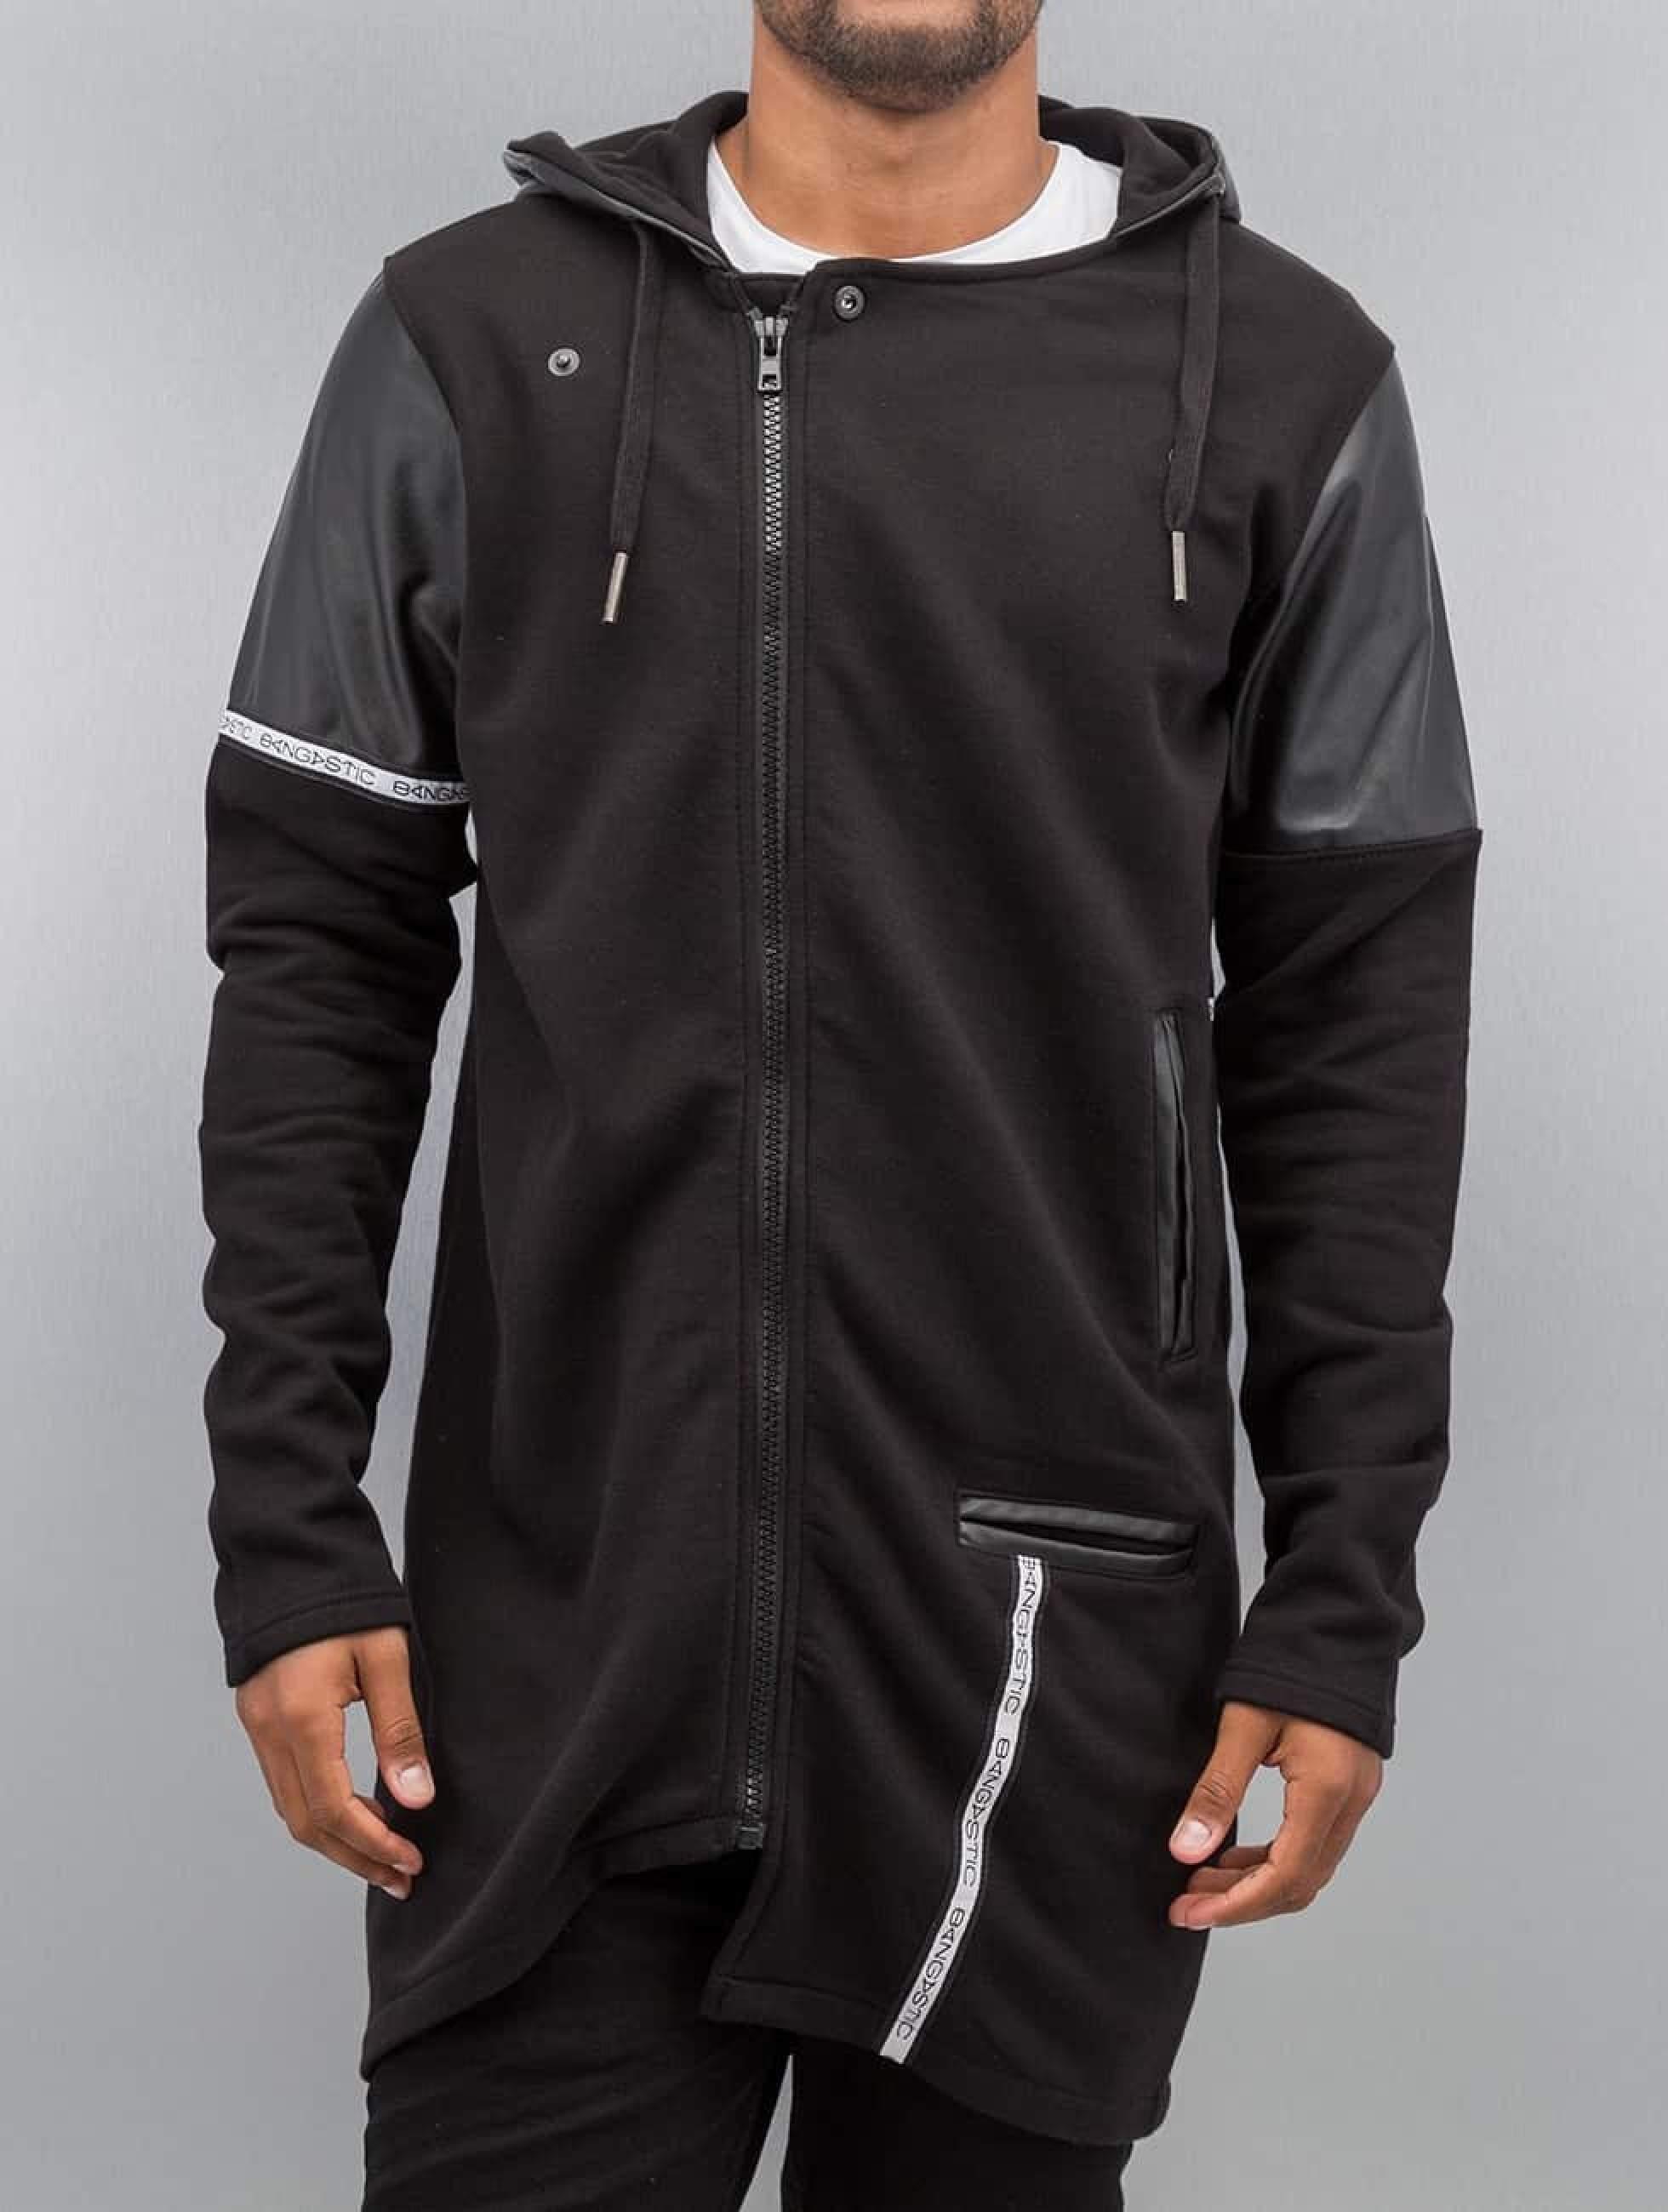 Bangastic / Zip Hoodie PU in black S